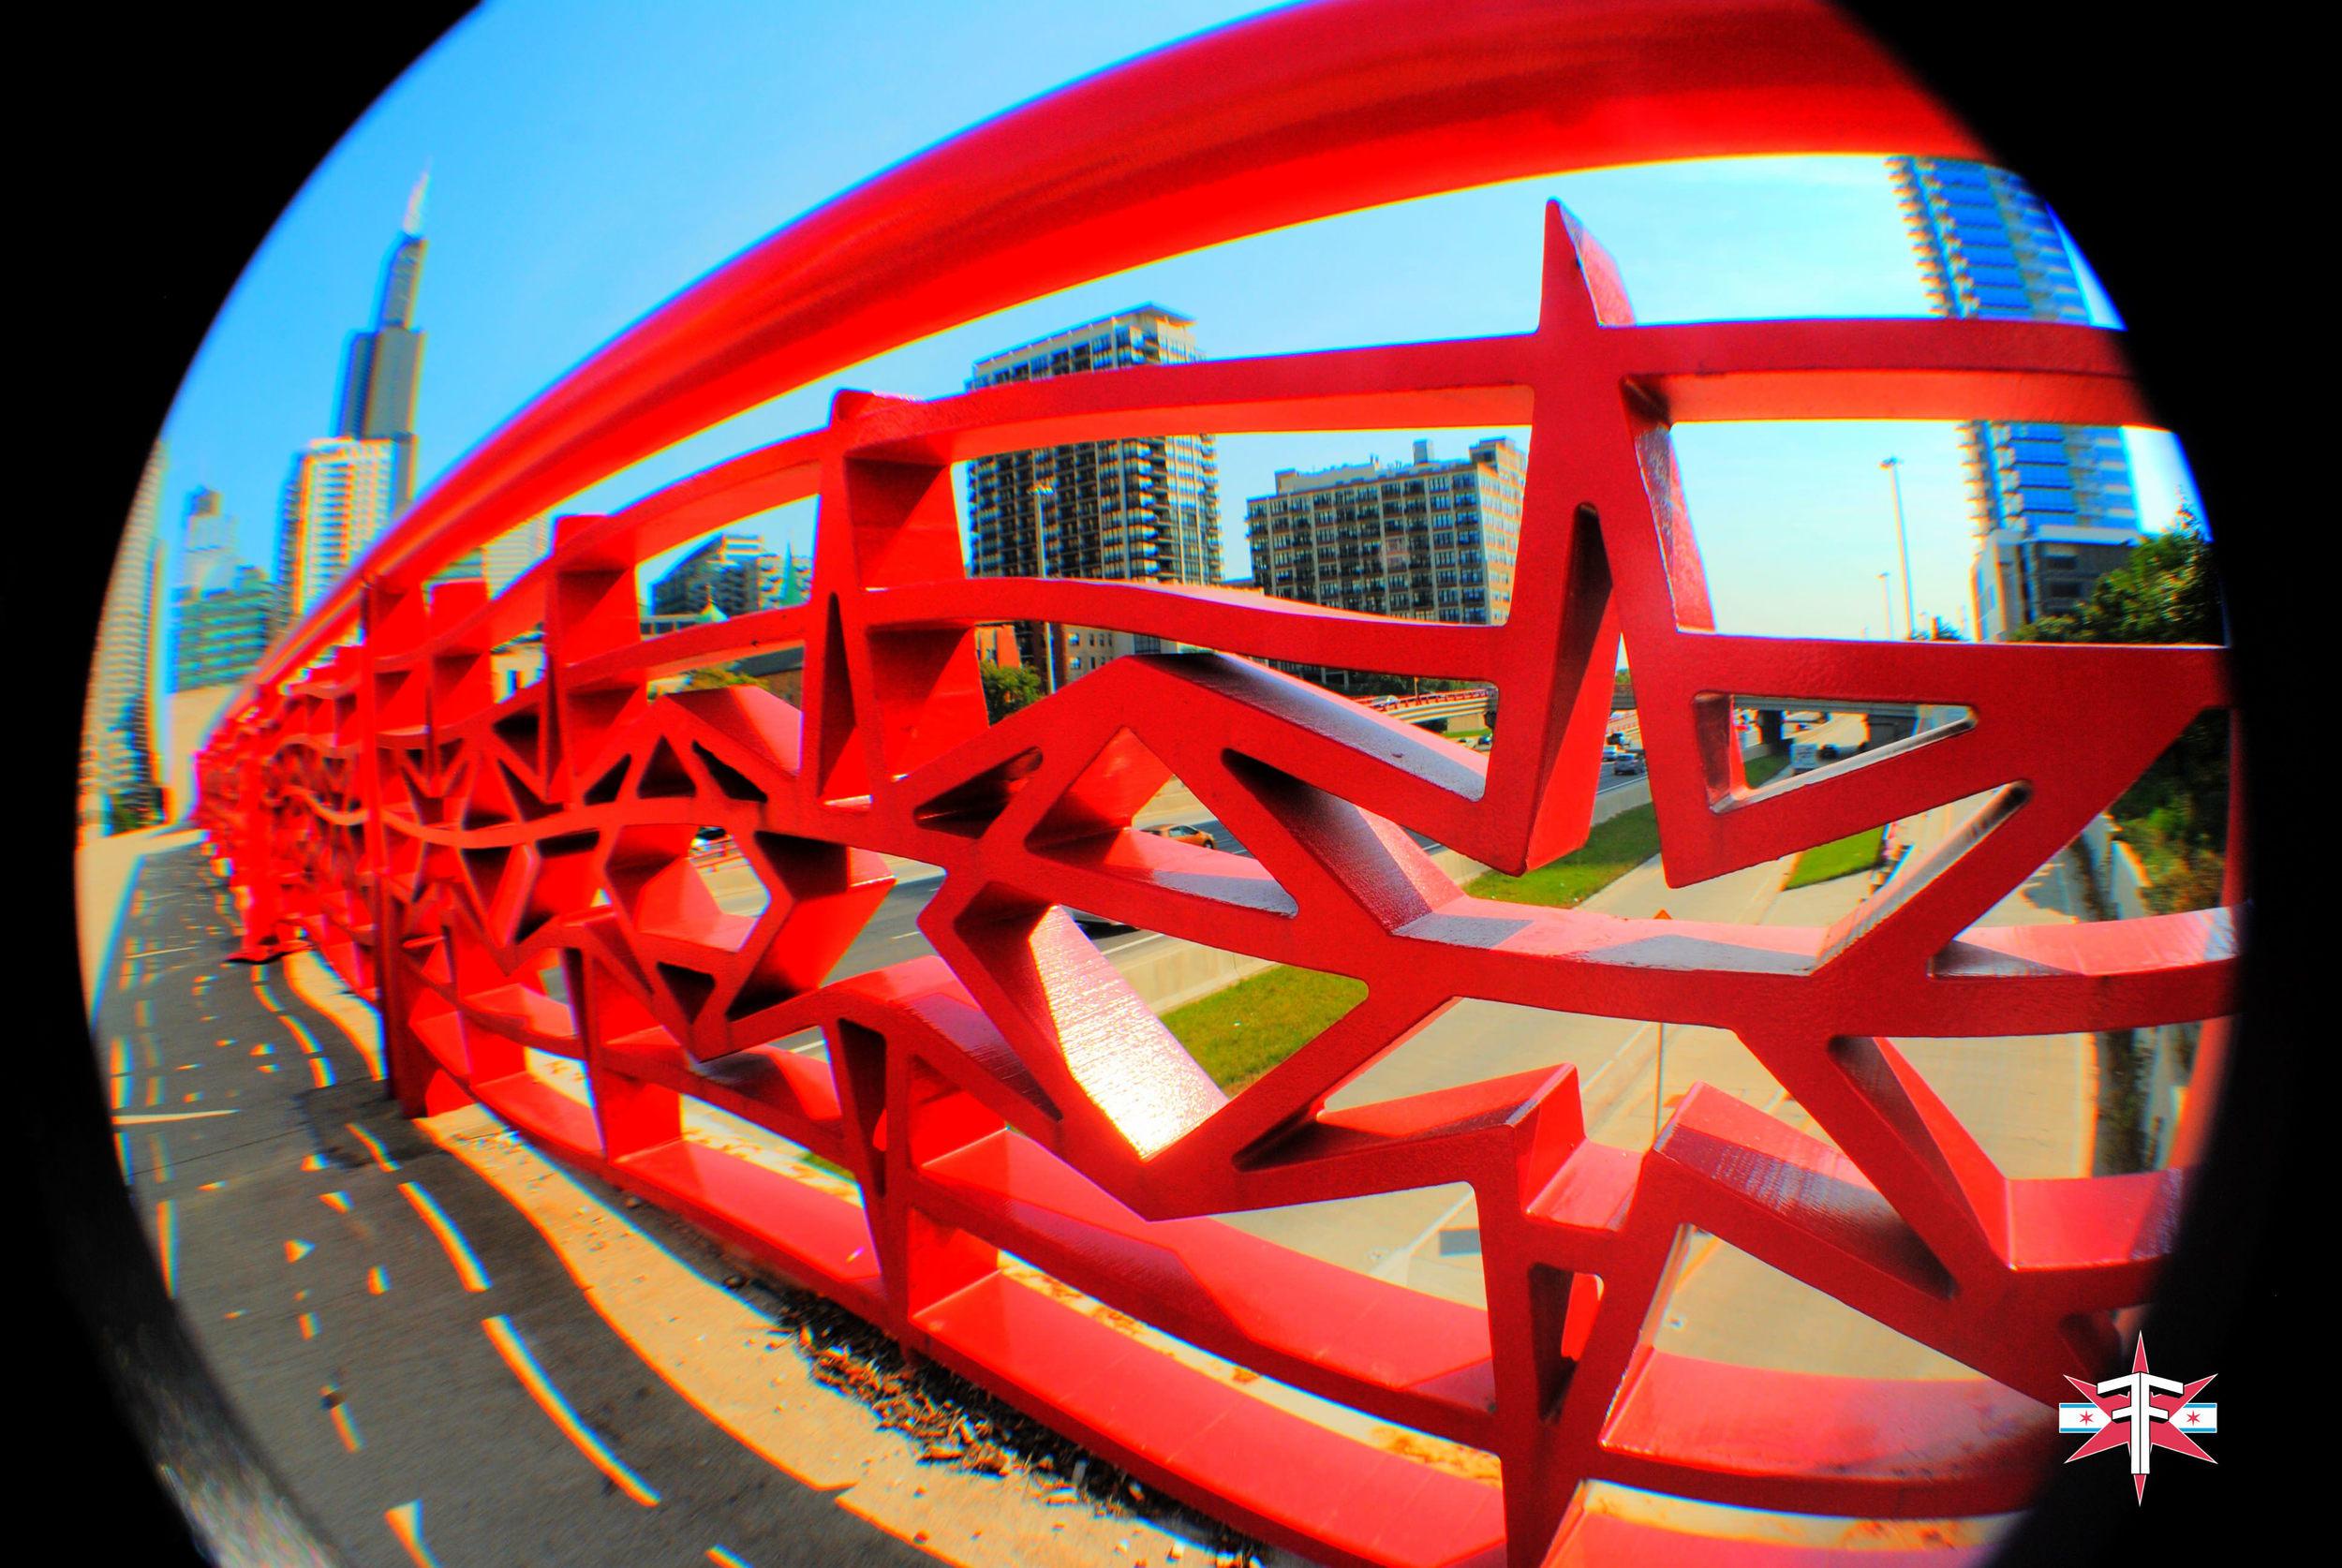 chicago art architecture eric formato photography design arquitectura architettura buildings skyscraper skyscrapers-164.jpg